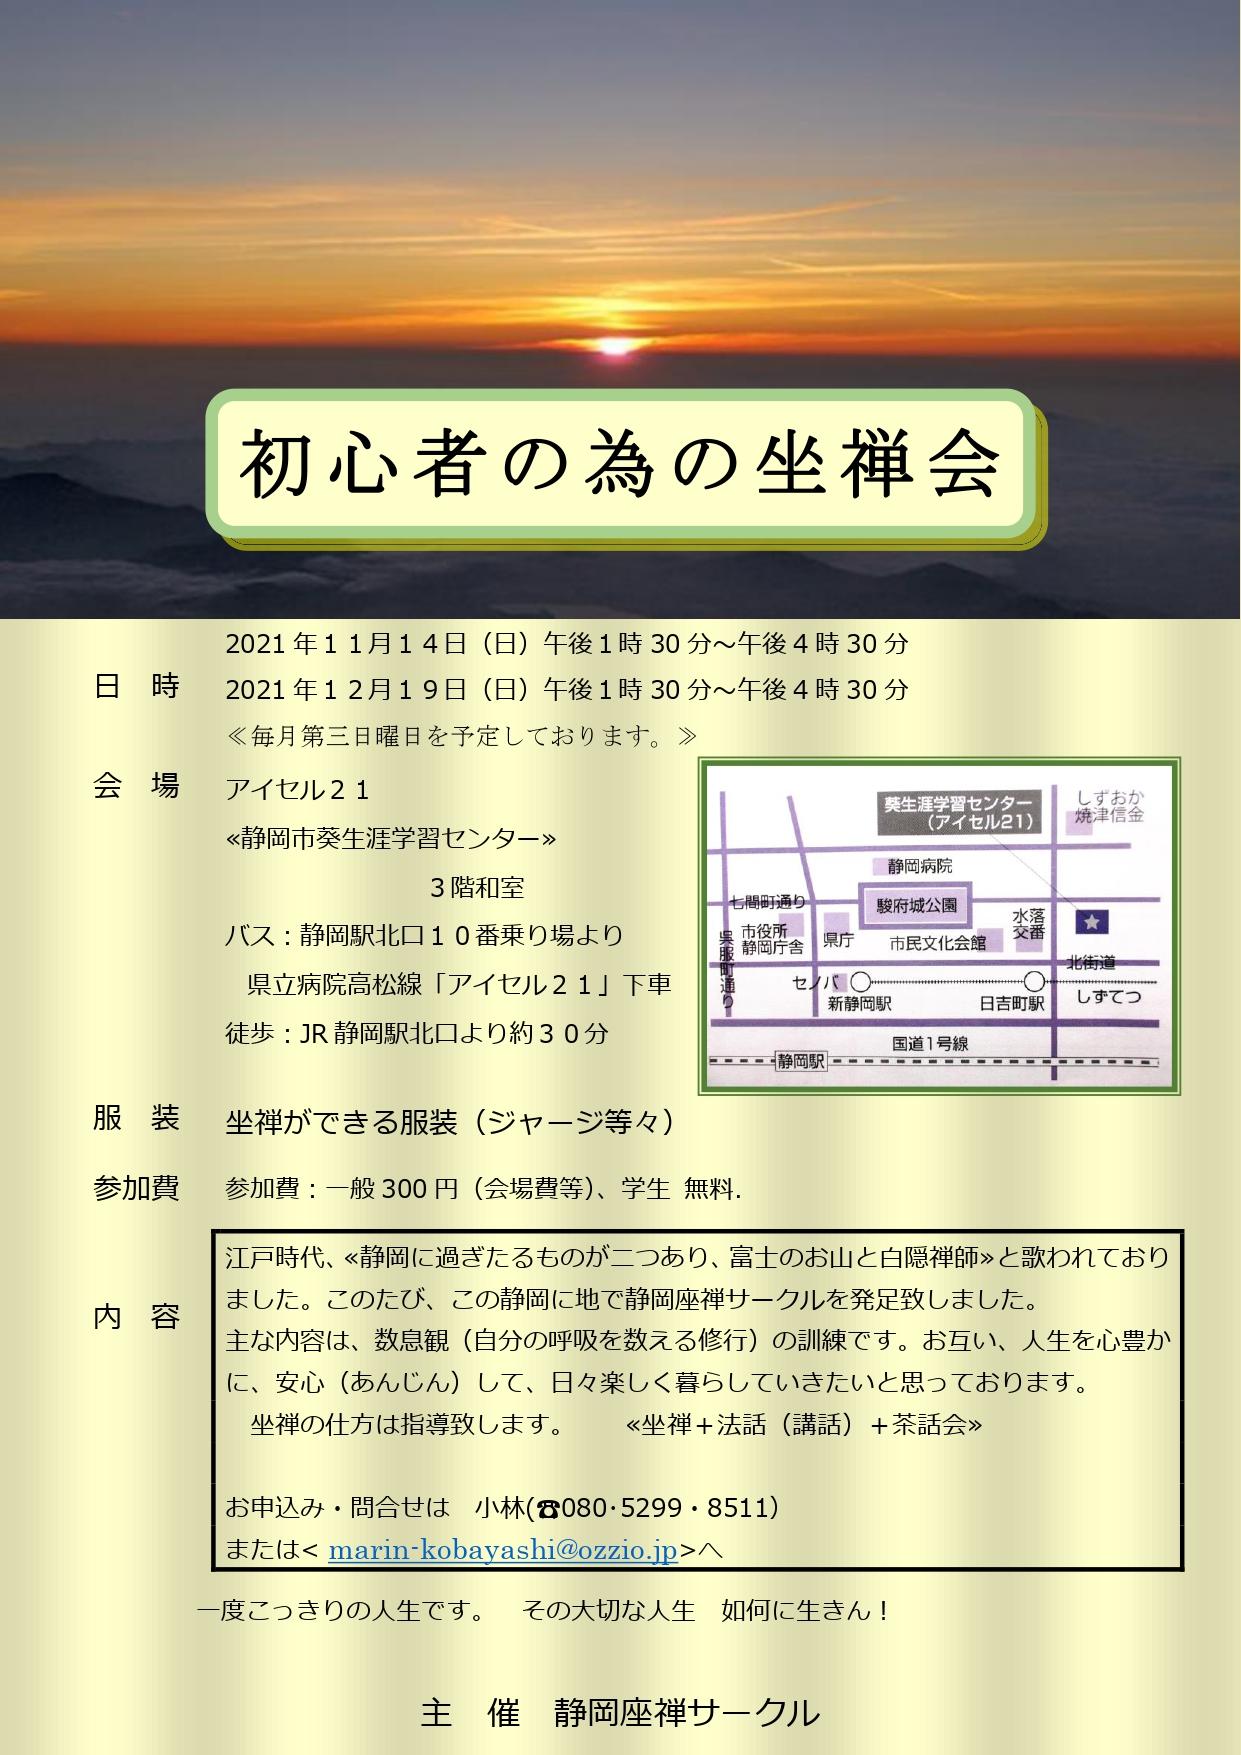 座禅会ポスター_日の出20210417_page-0001.jpg